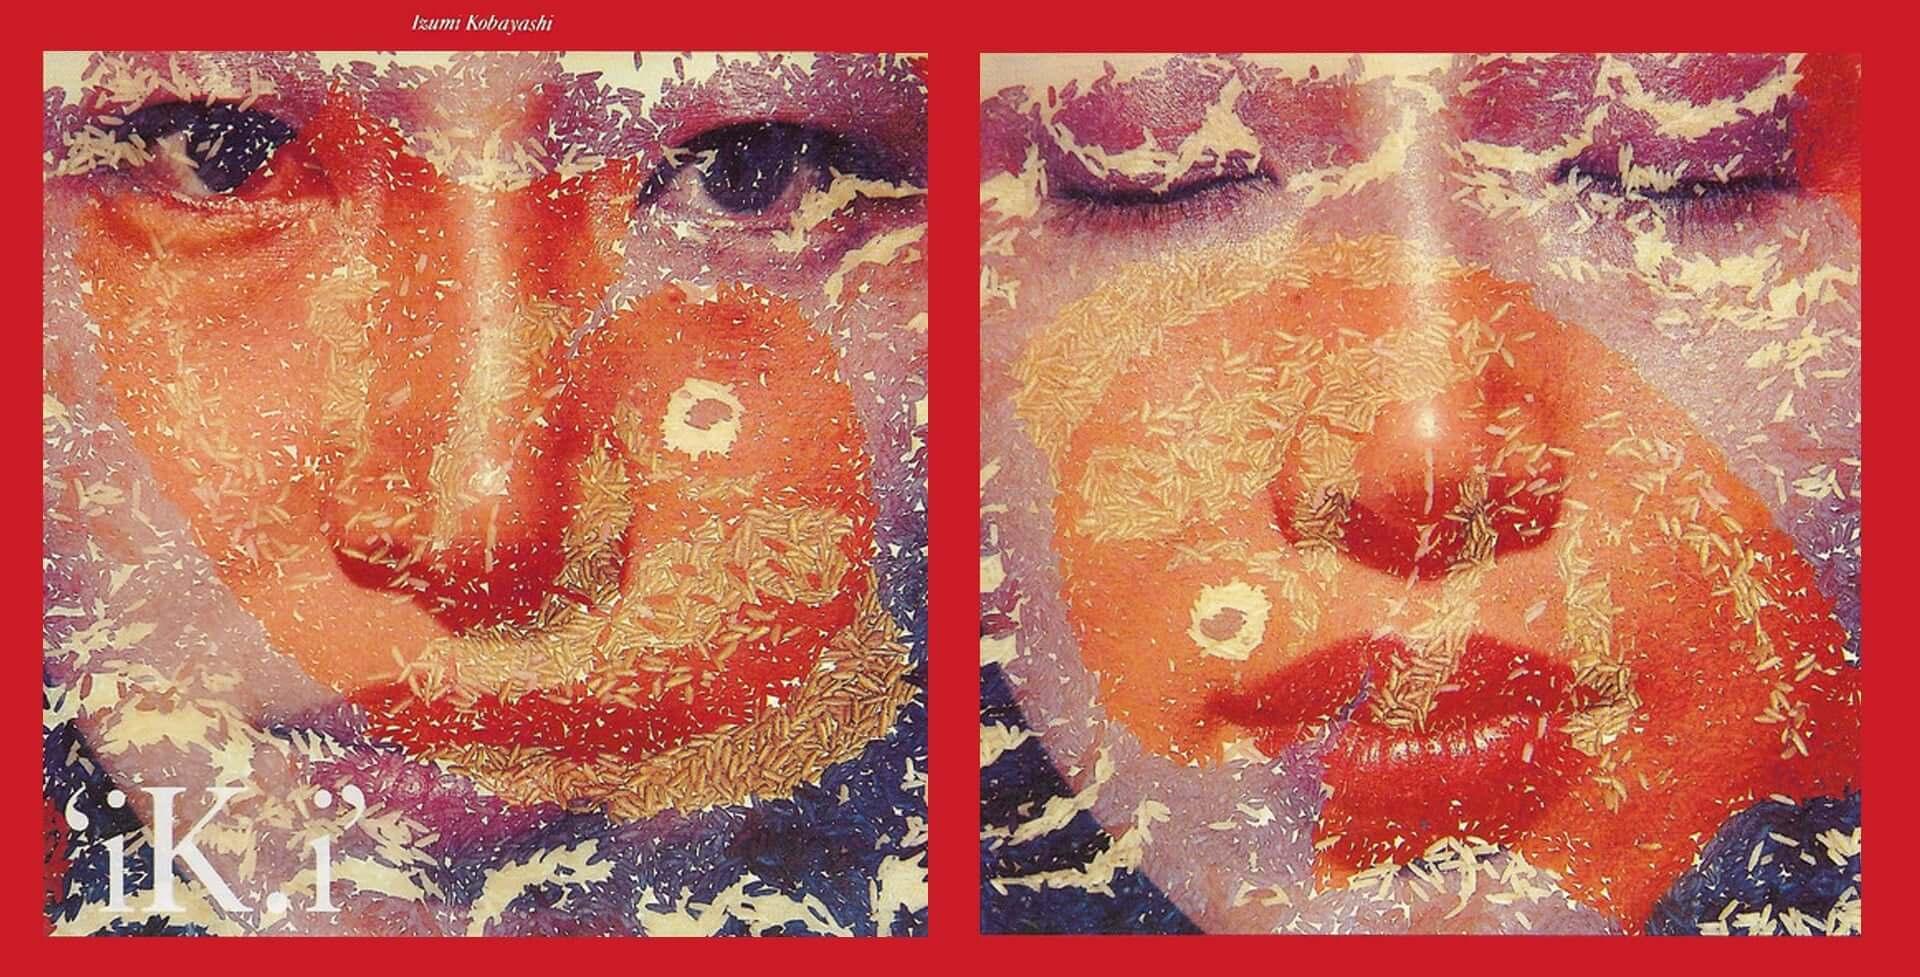 『うる星やつら』主題歌でアニソン革命を起こした小林泉美に迫る!本人出演の有観客配信プログラムがSUPER DOMMUNEにて開催決定 art201012_dommune_1-1920x977